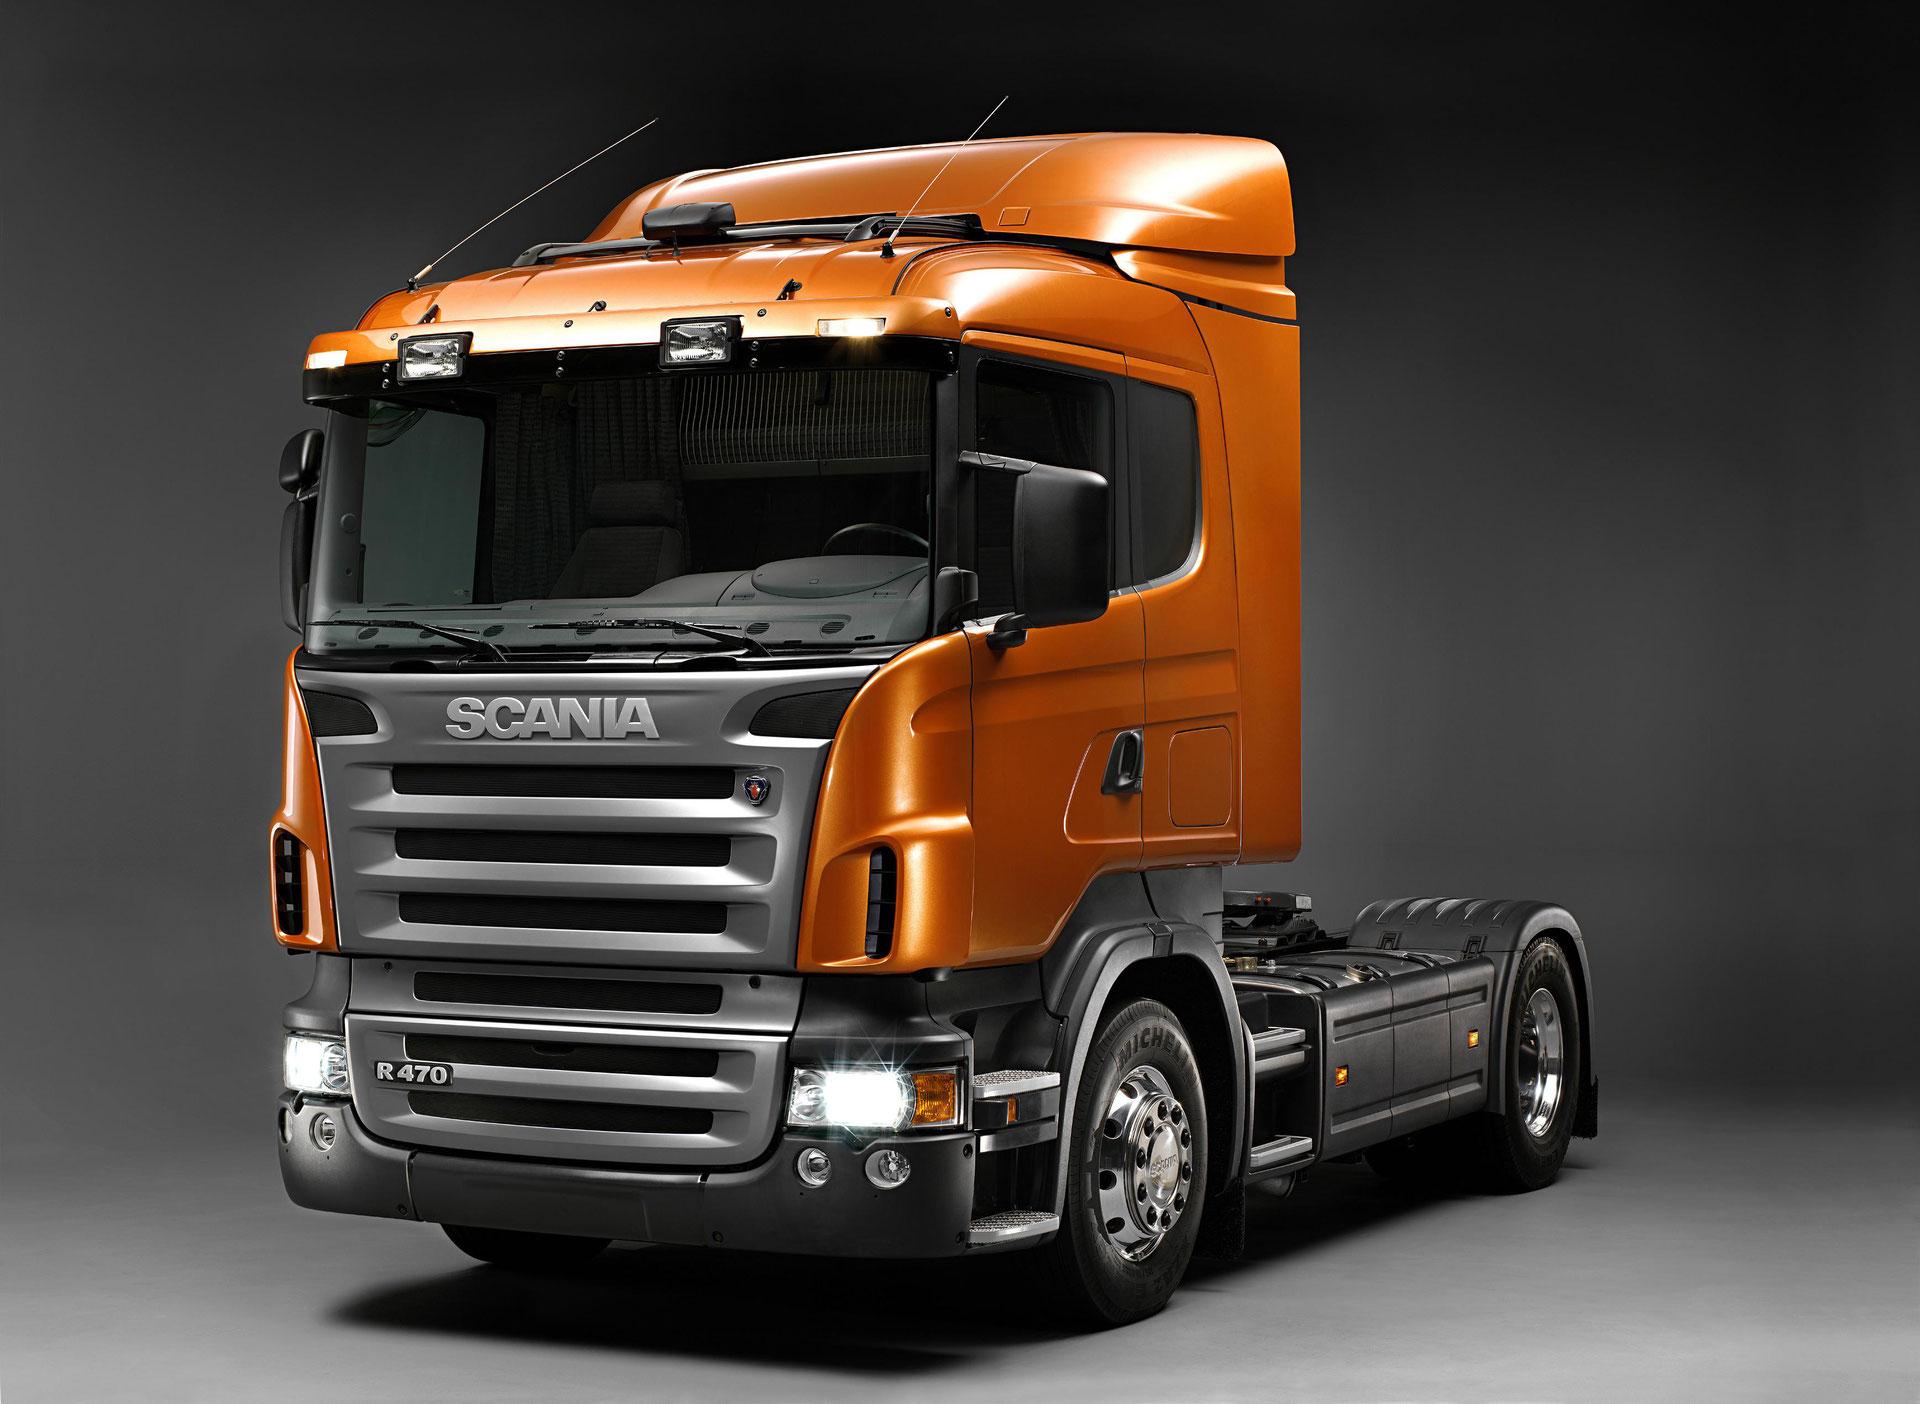 Magnificent Scania Lkw Servicehandbucher Pdf Ersatzteilkatalog Fehlercodes Und Wiring Cloud Staixuggs Outletorg